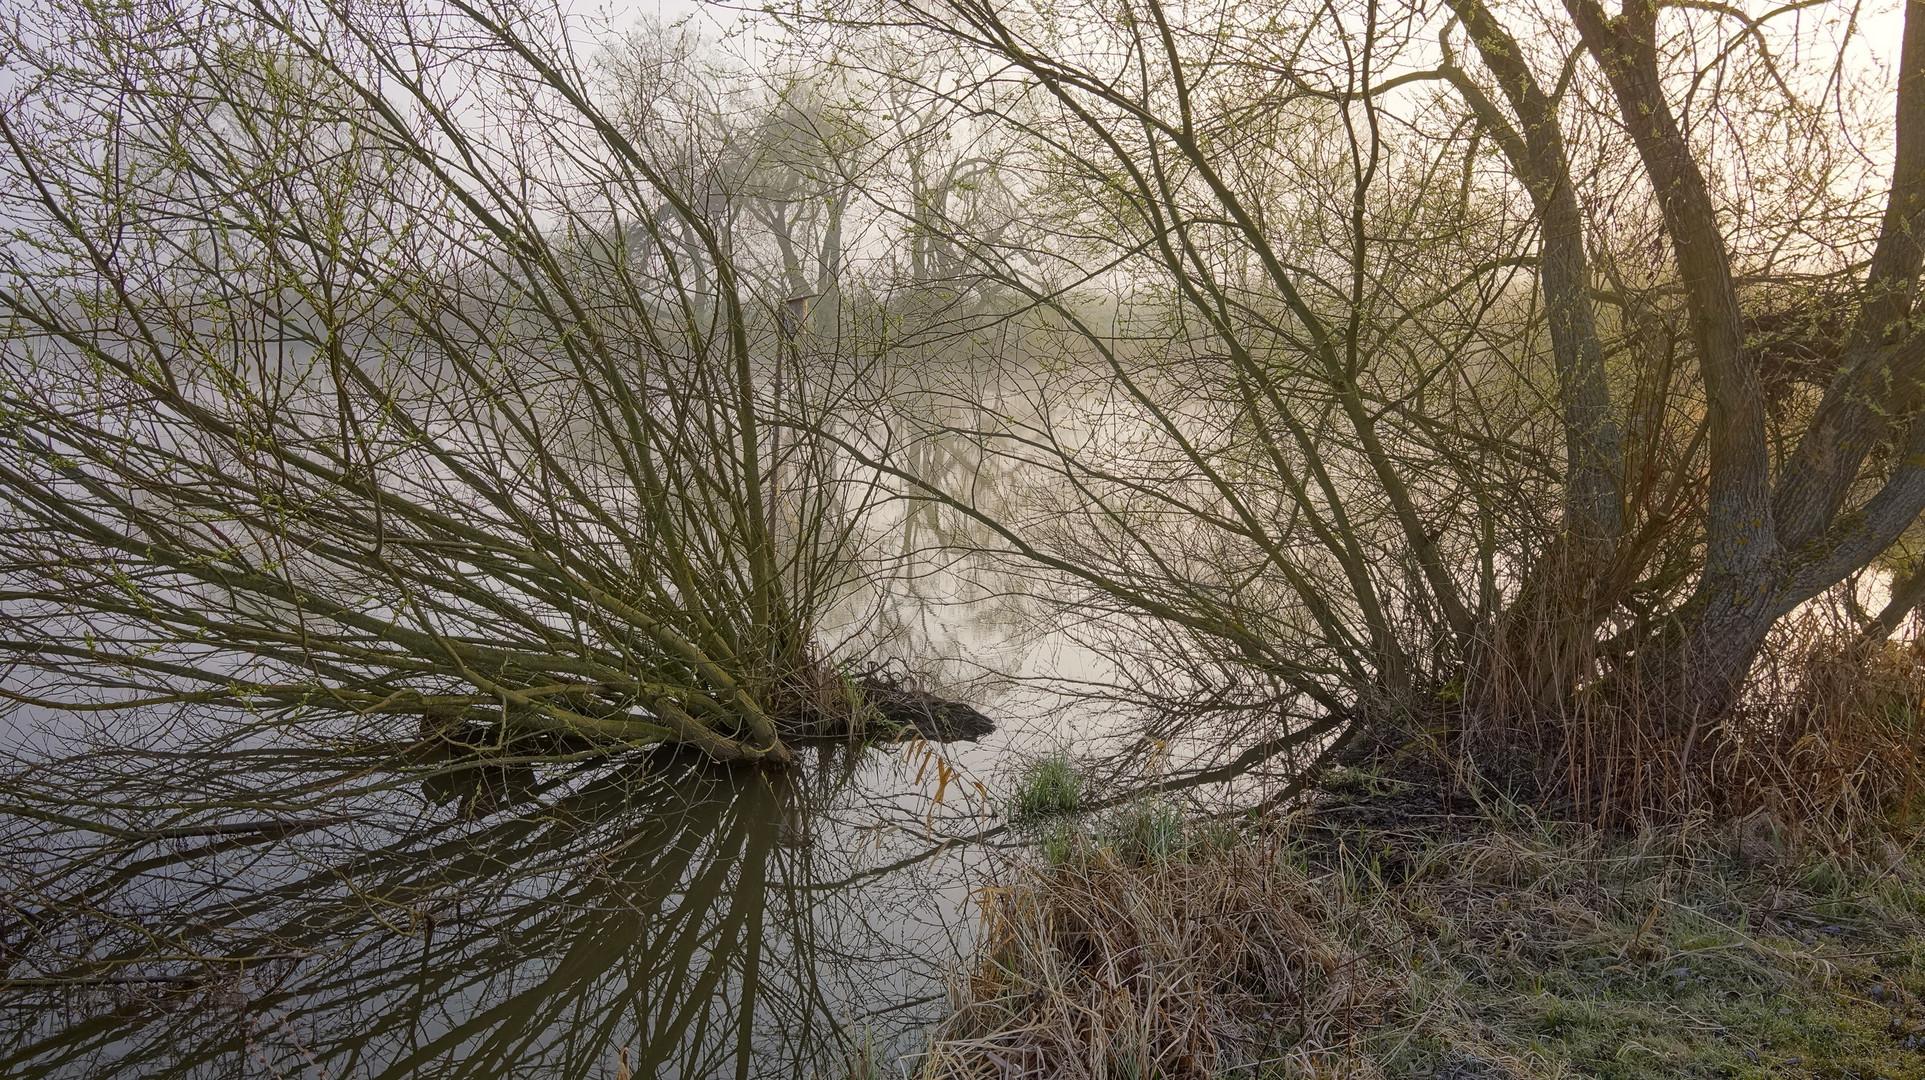 Am Morgen am See II (por la mañana en el lago II)